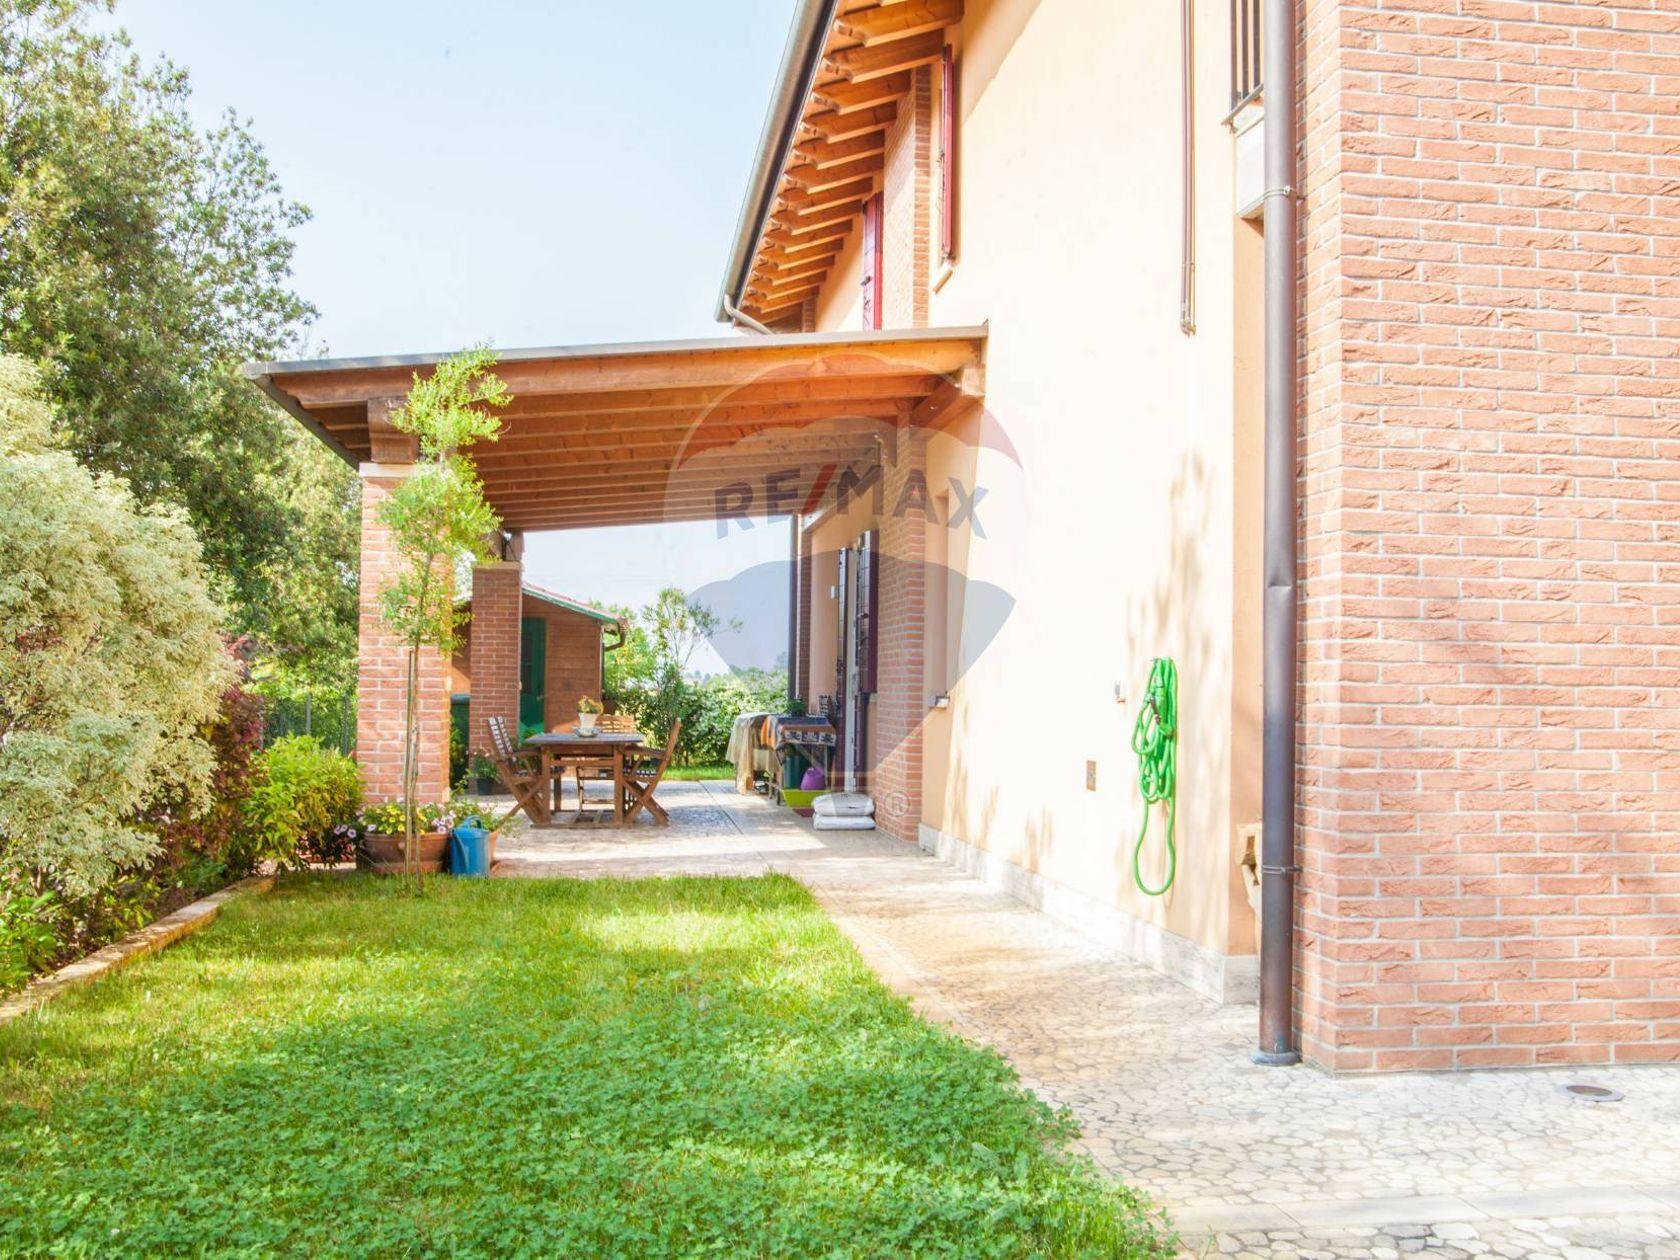 Villa singola Sant'Andrea, Campodarsego, PD Vendita - Foto 53